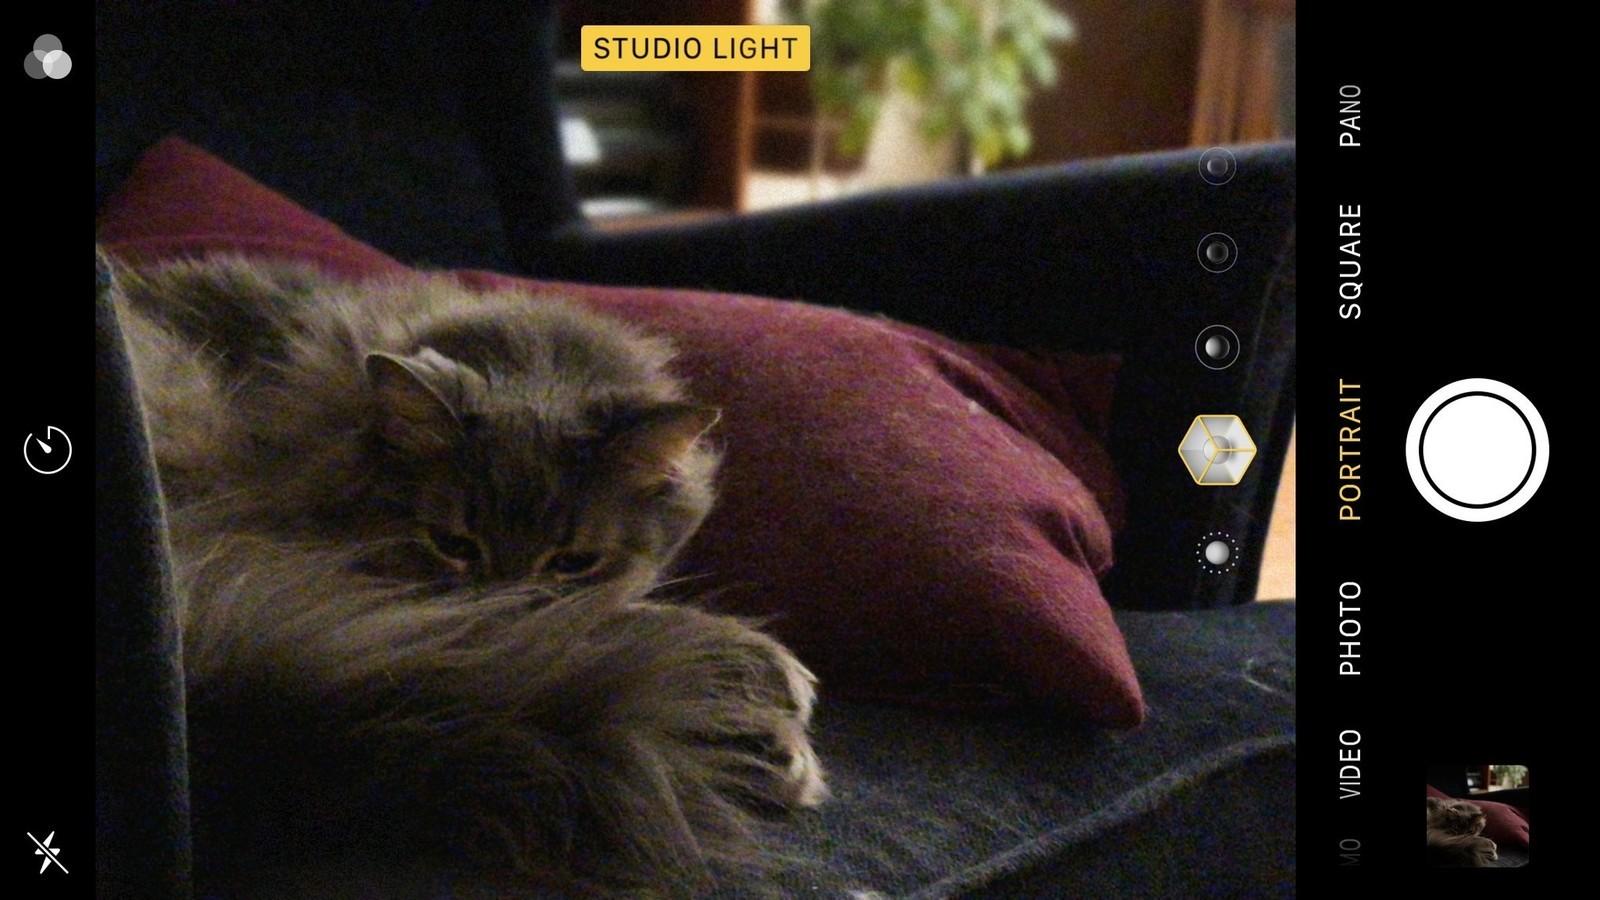 Как использовать портретный режим и портретное освещение в iPhone X - Портретное фото животного